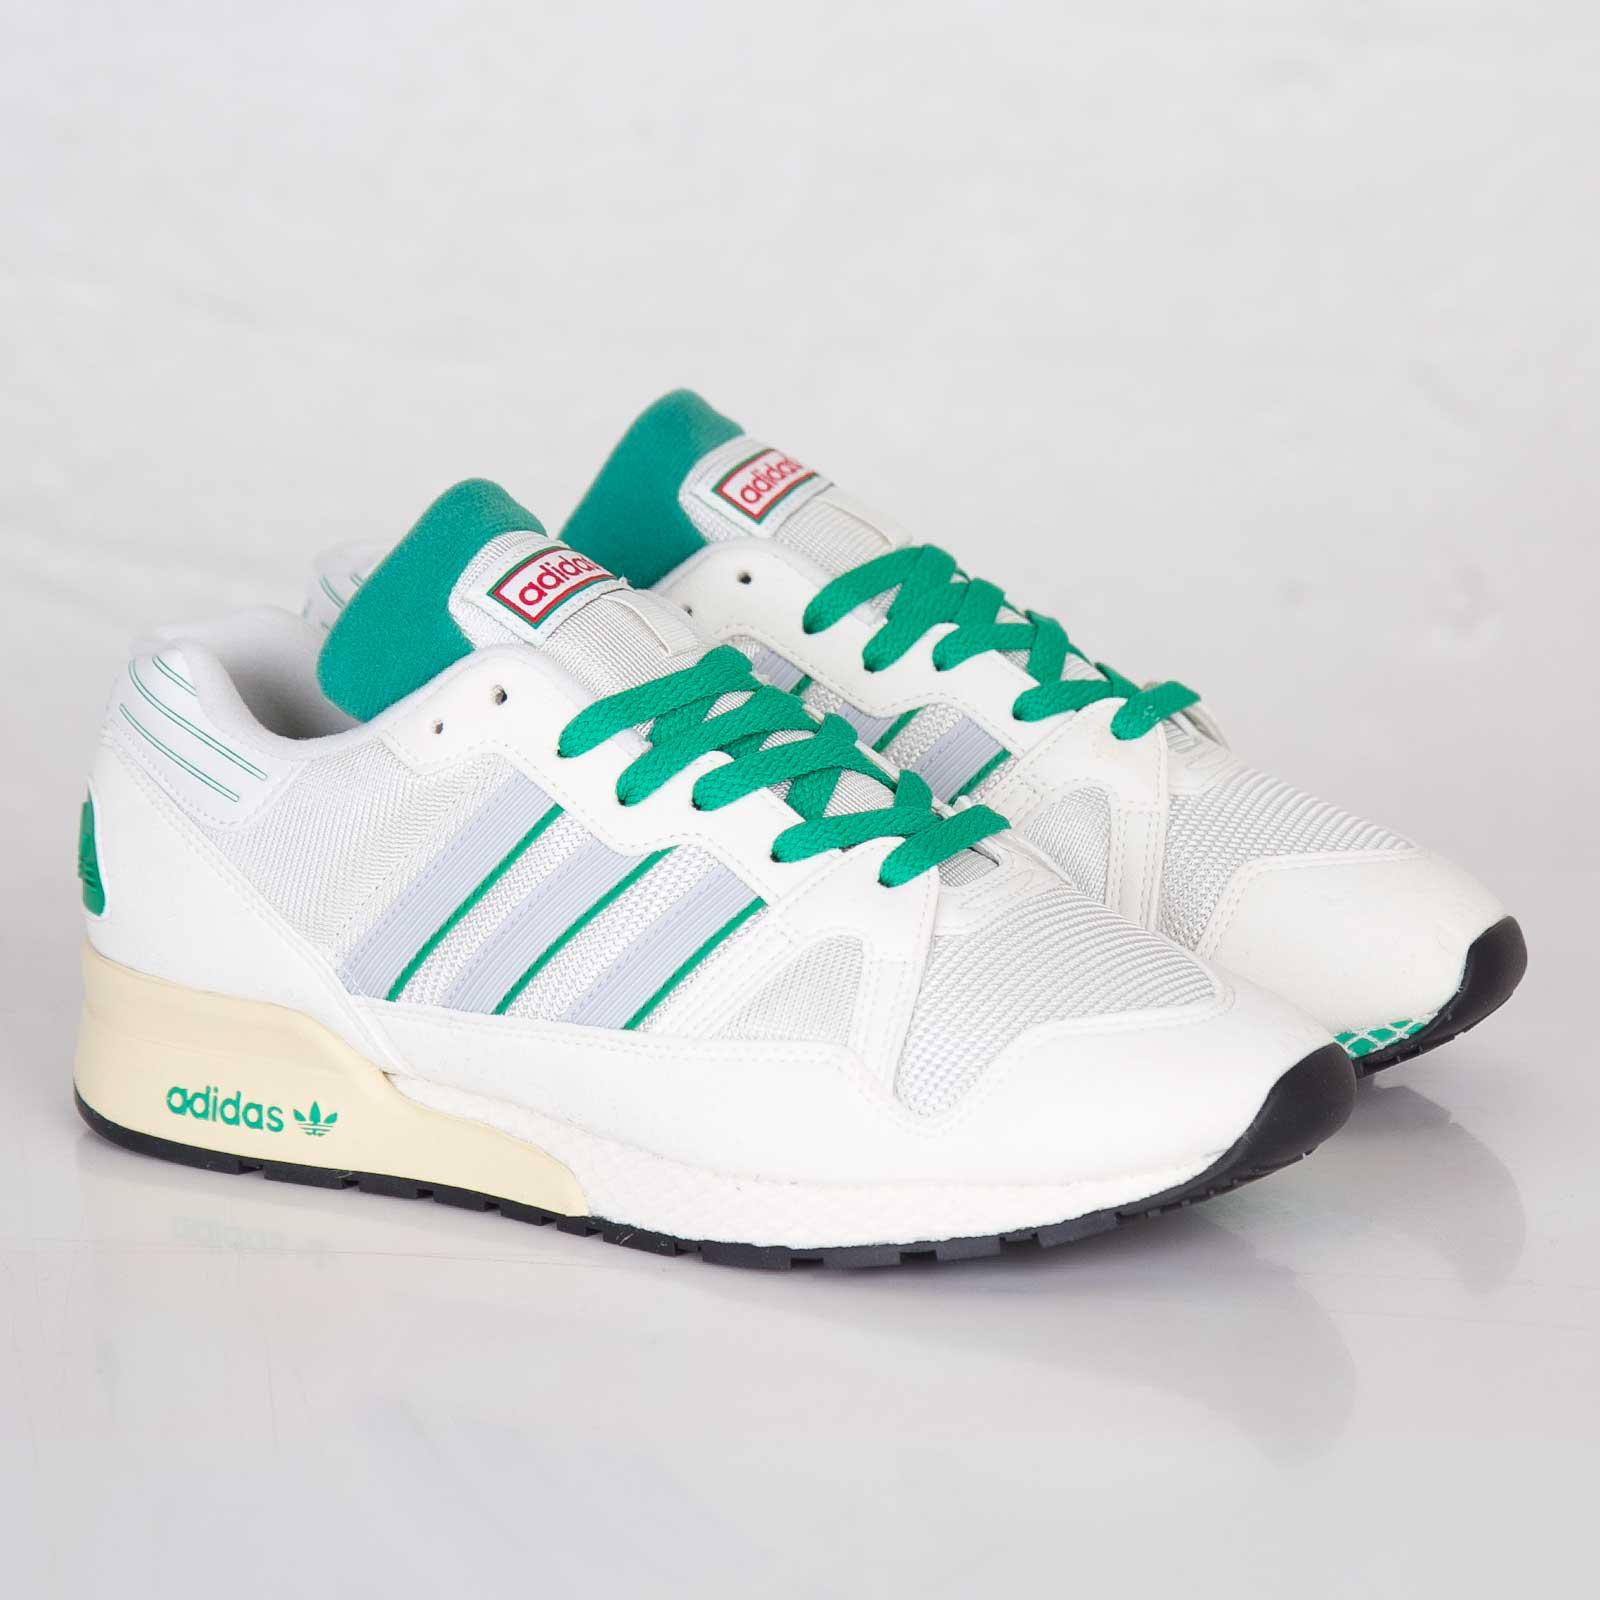 4606111400c46 adidas ZX 710 - D65785 - Sneakersnstuff